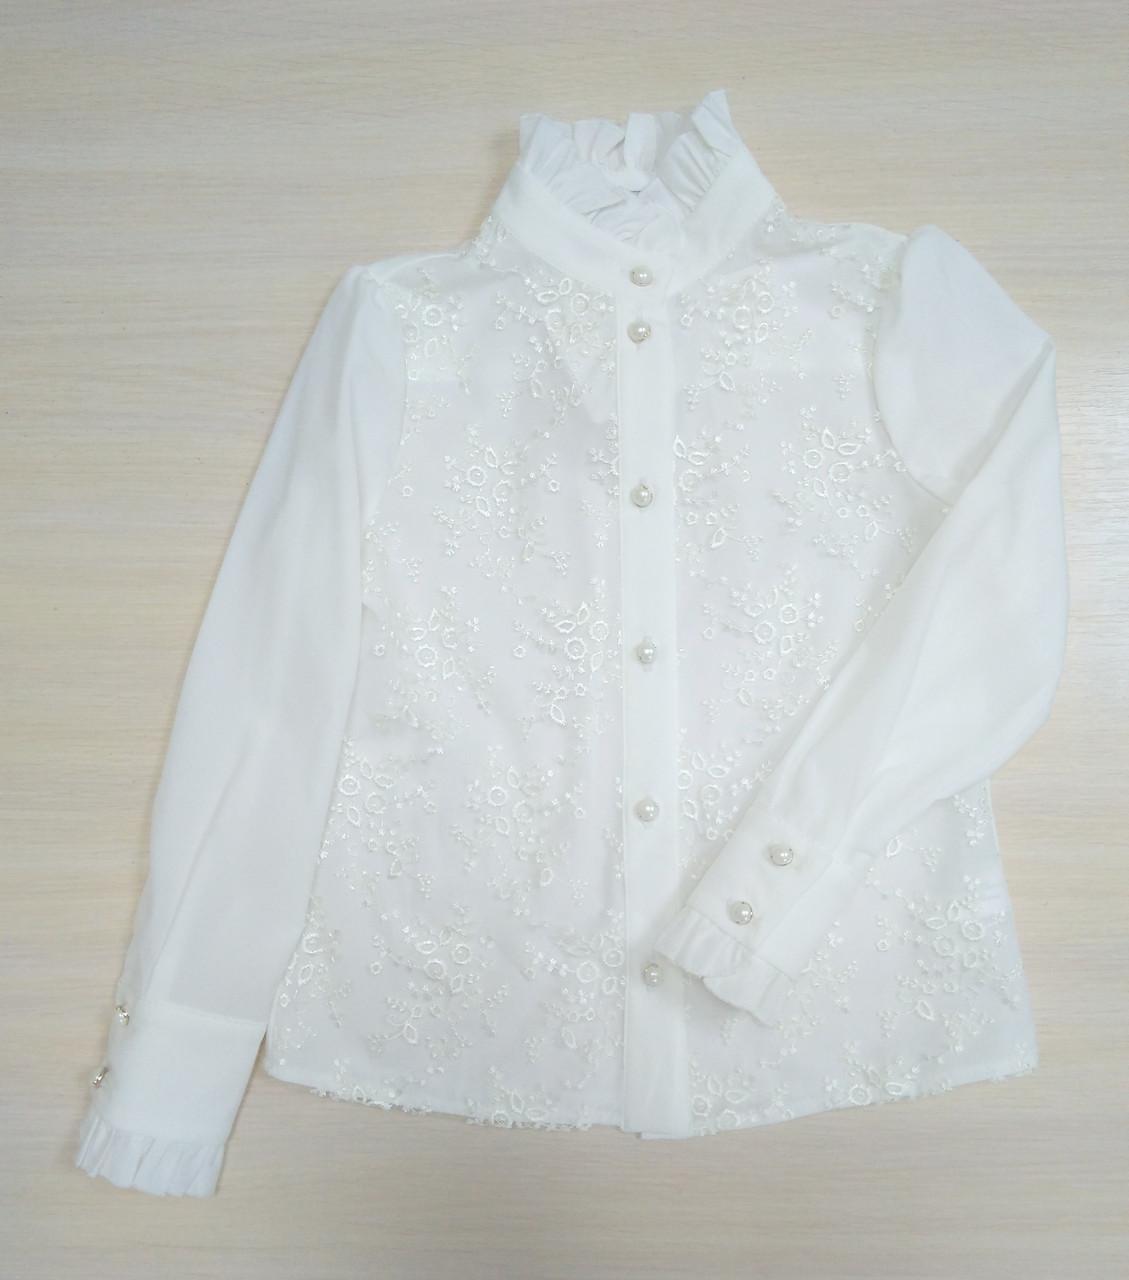 55a0b0686b18 Suzie Блузка Николет р116-140 кремовый, цена 629 грн., купить в ...